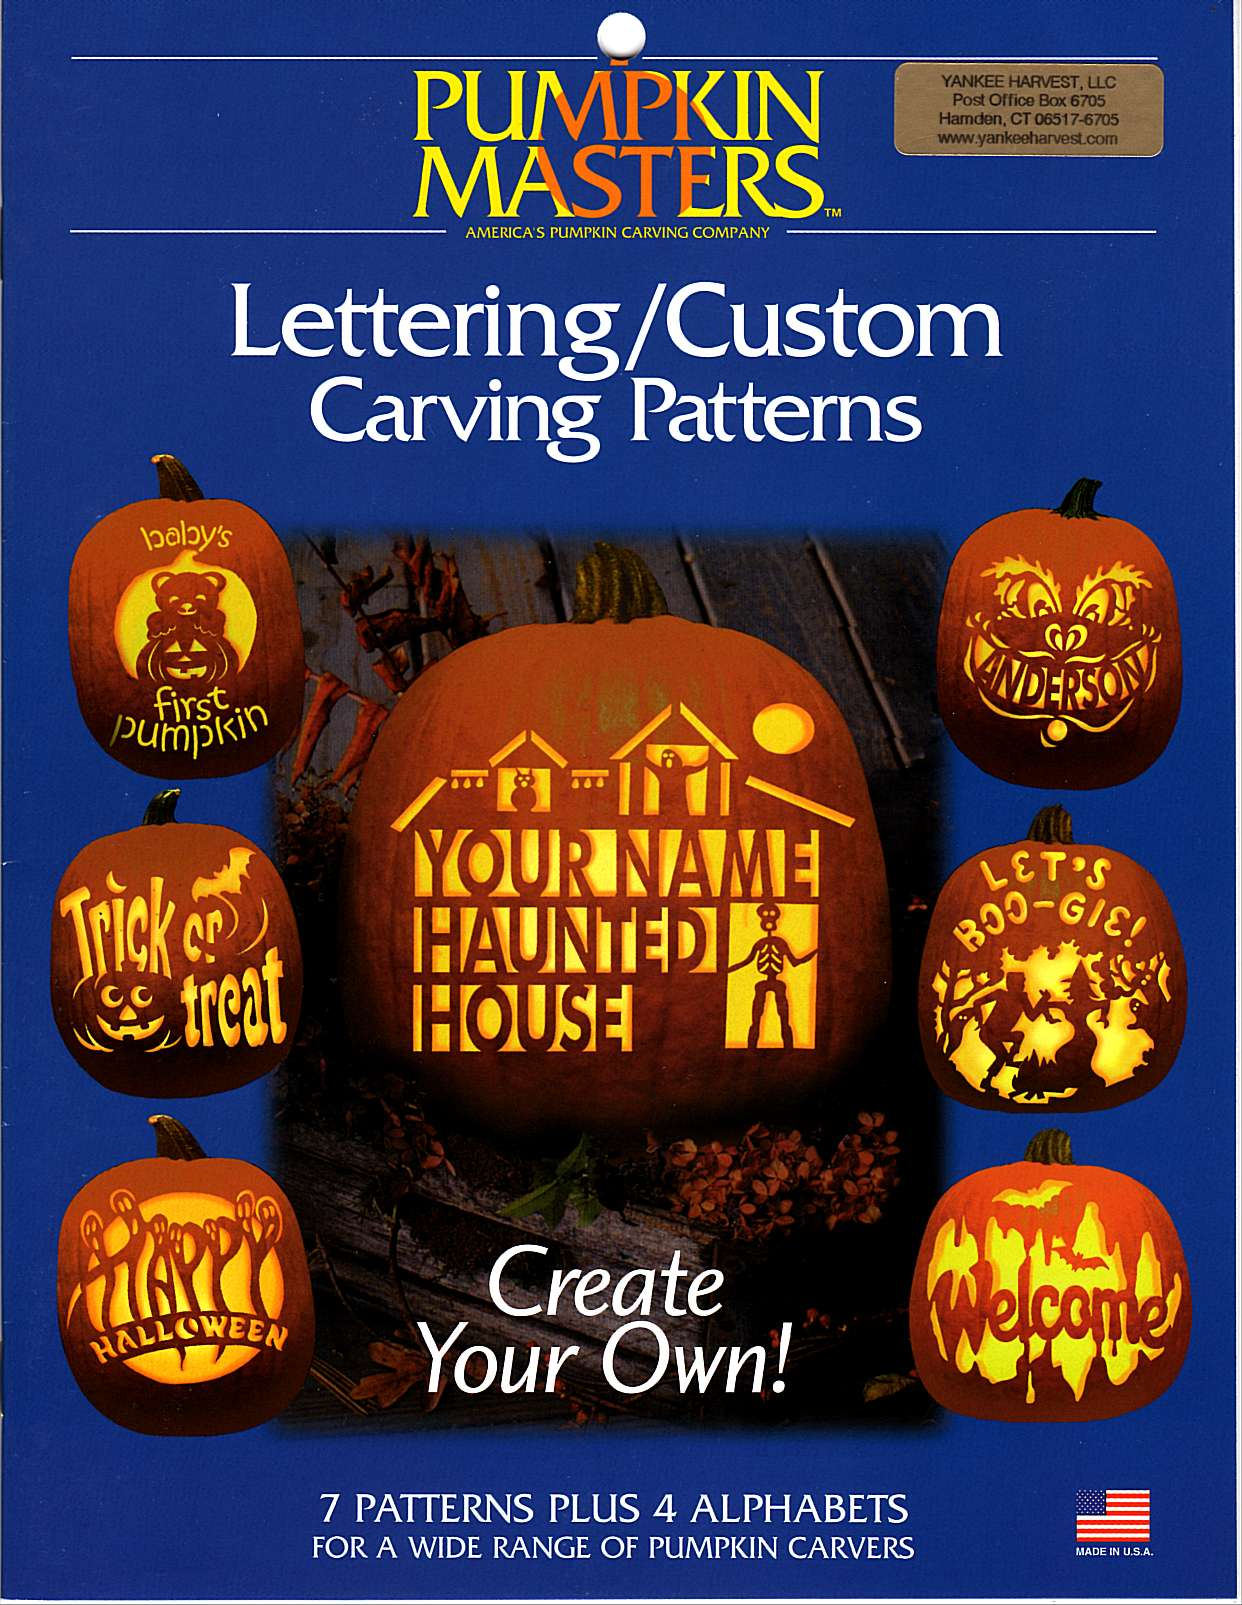 Masterpiece Pumpkins Carving Kits Amp Supplies Carving Kits